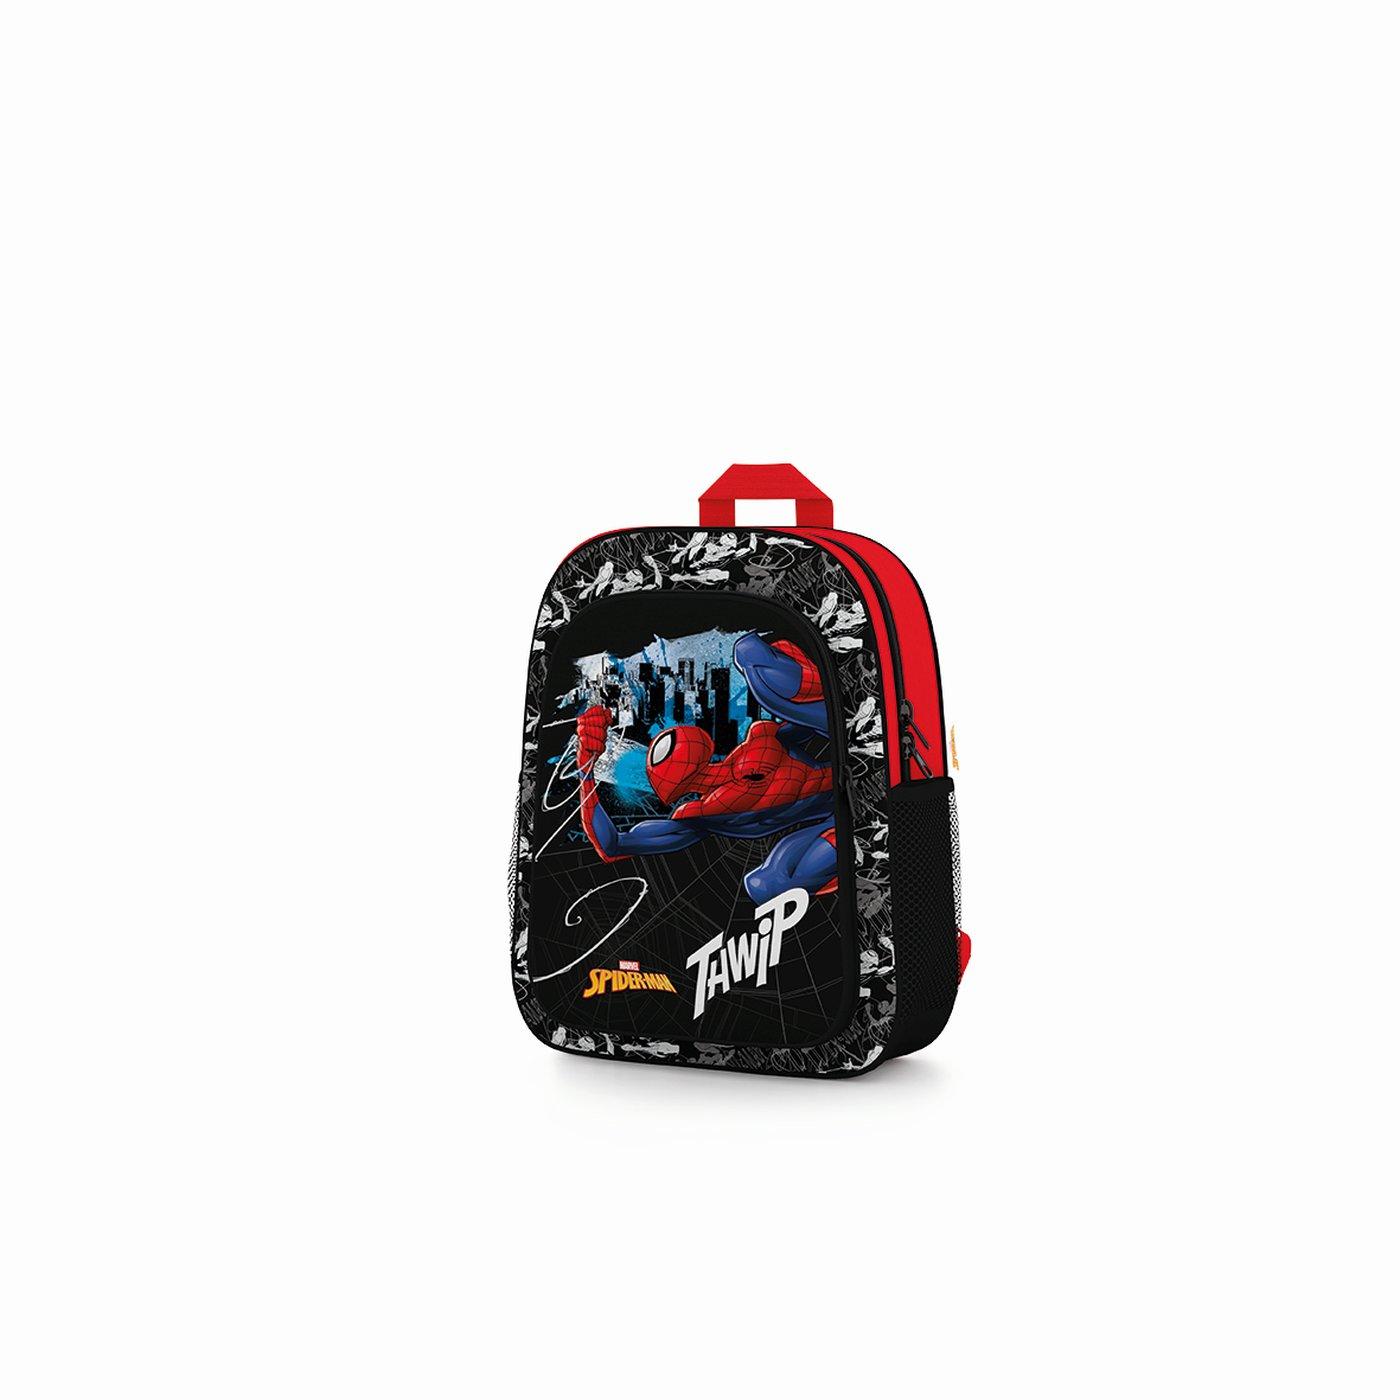 ... Předškolní batohy · Batoh dětský předškolní Spiderman The Walt Disney  Company Licensing (Spiderman) · Image 20484ecb5f